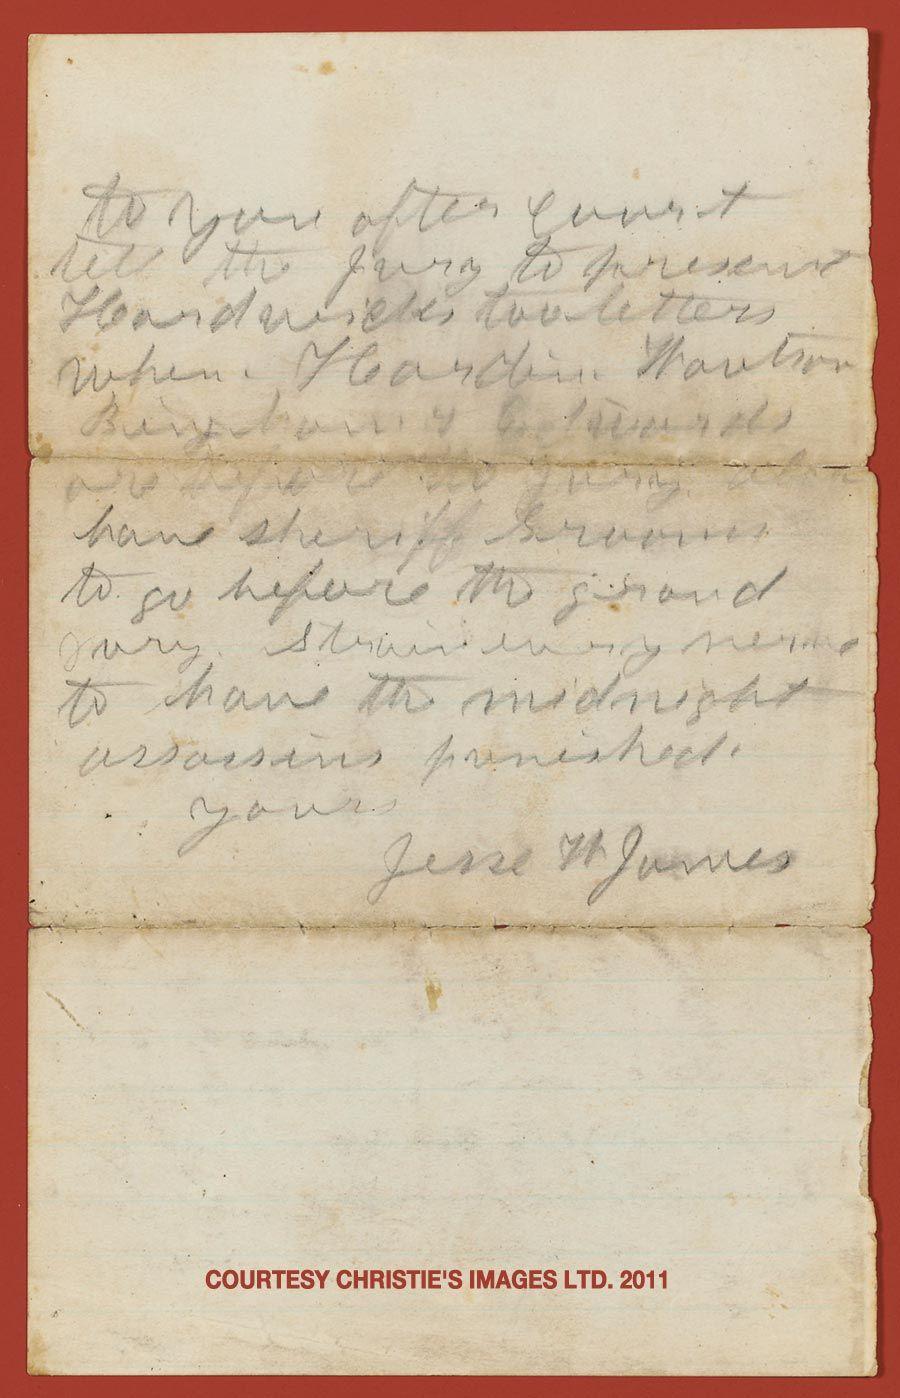 Jessie James signed letter